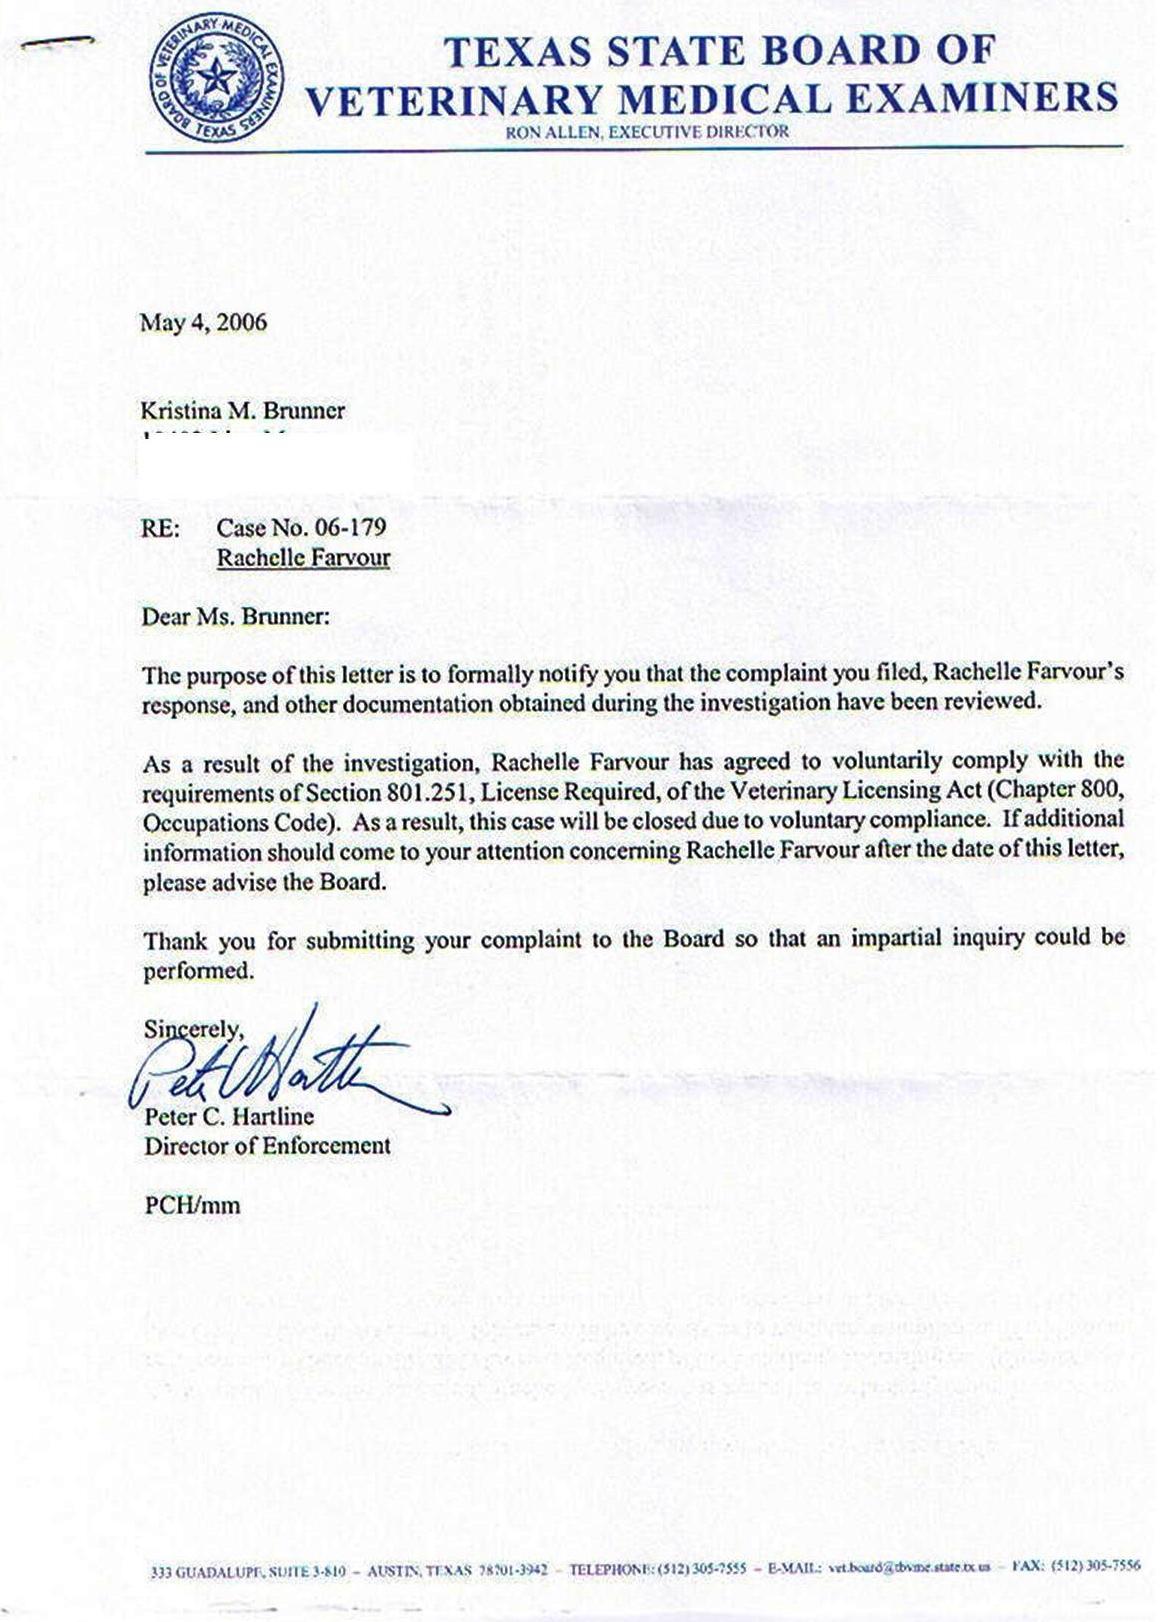 Veterinary Technician Cover Letter | lv.crelegant.com